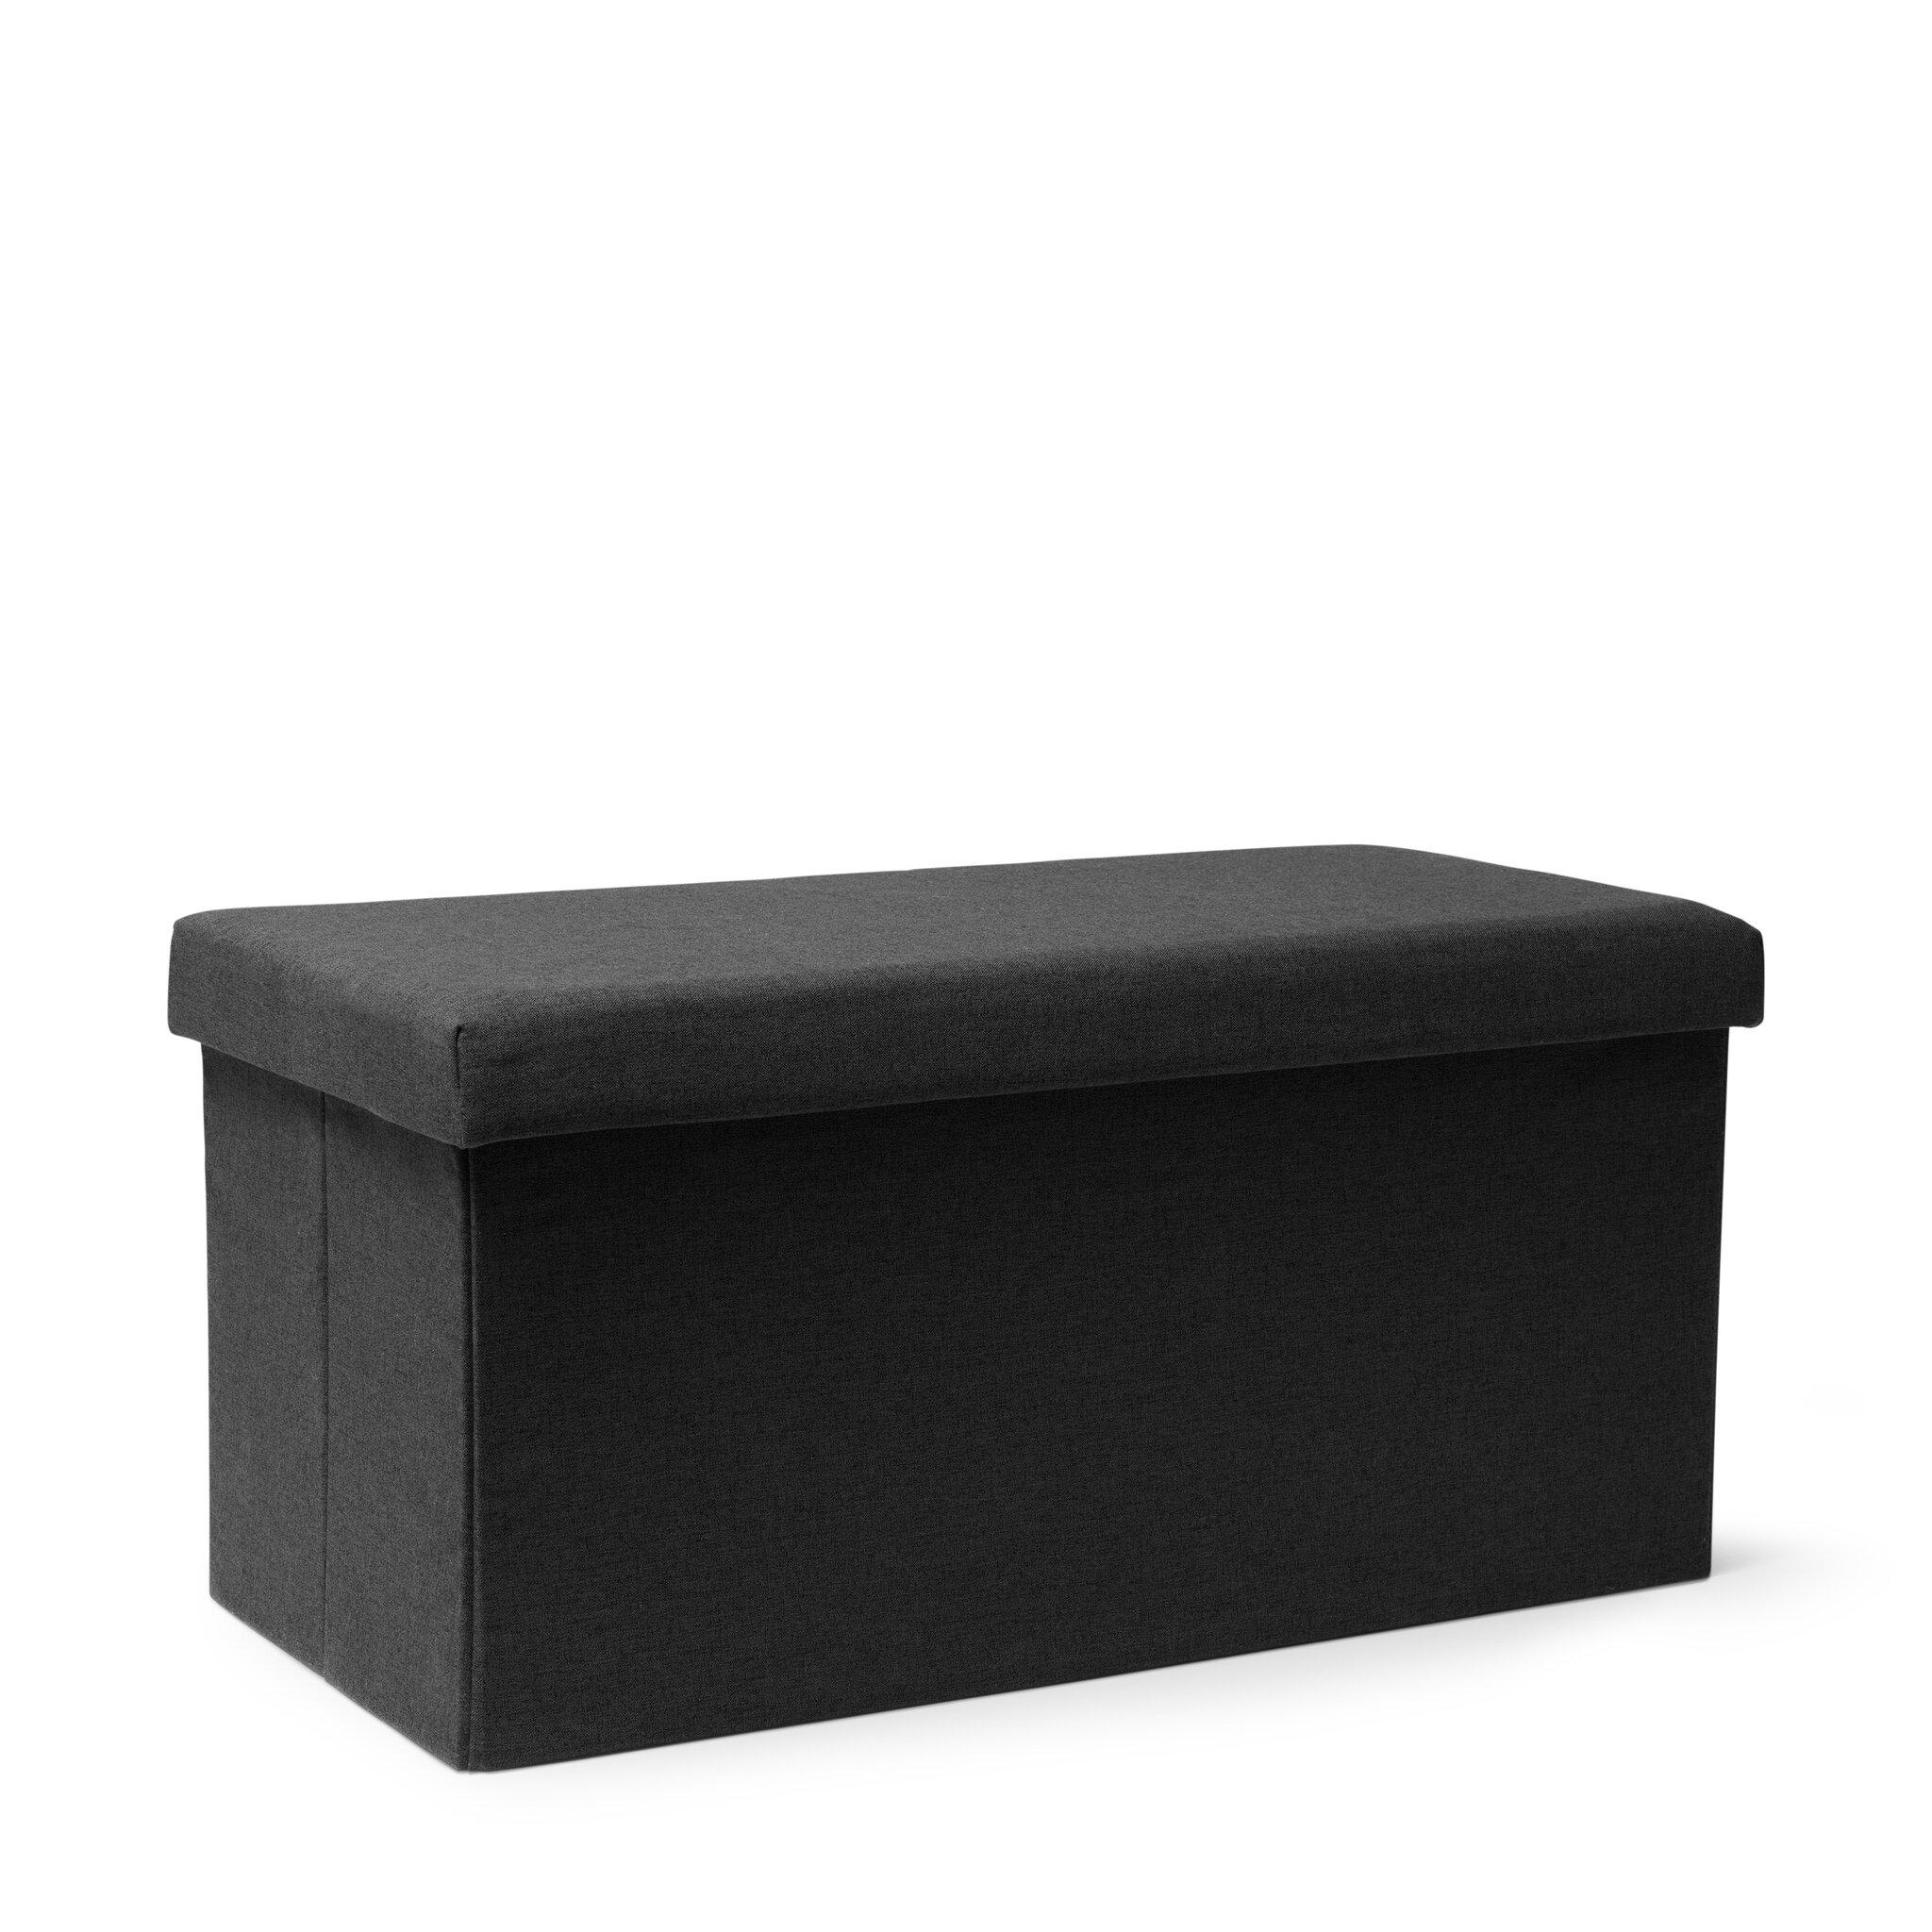 Förvaringsbänk Vivi, 76x38x38 cm